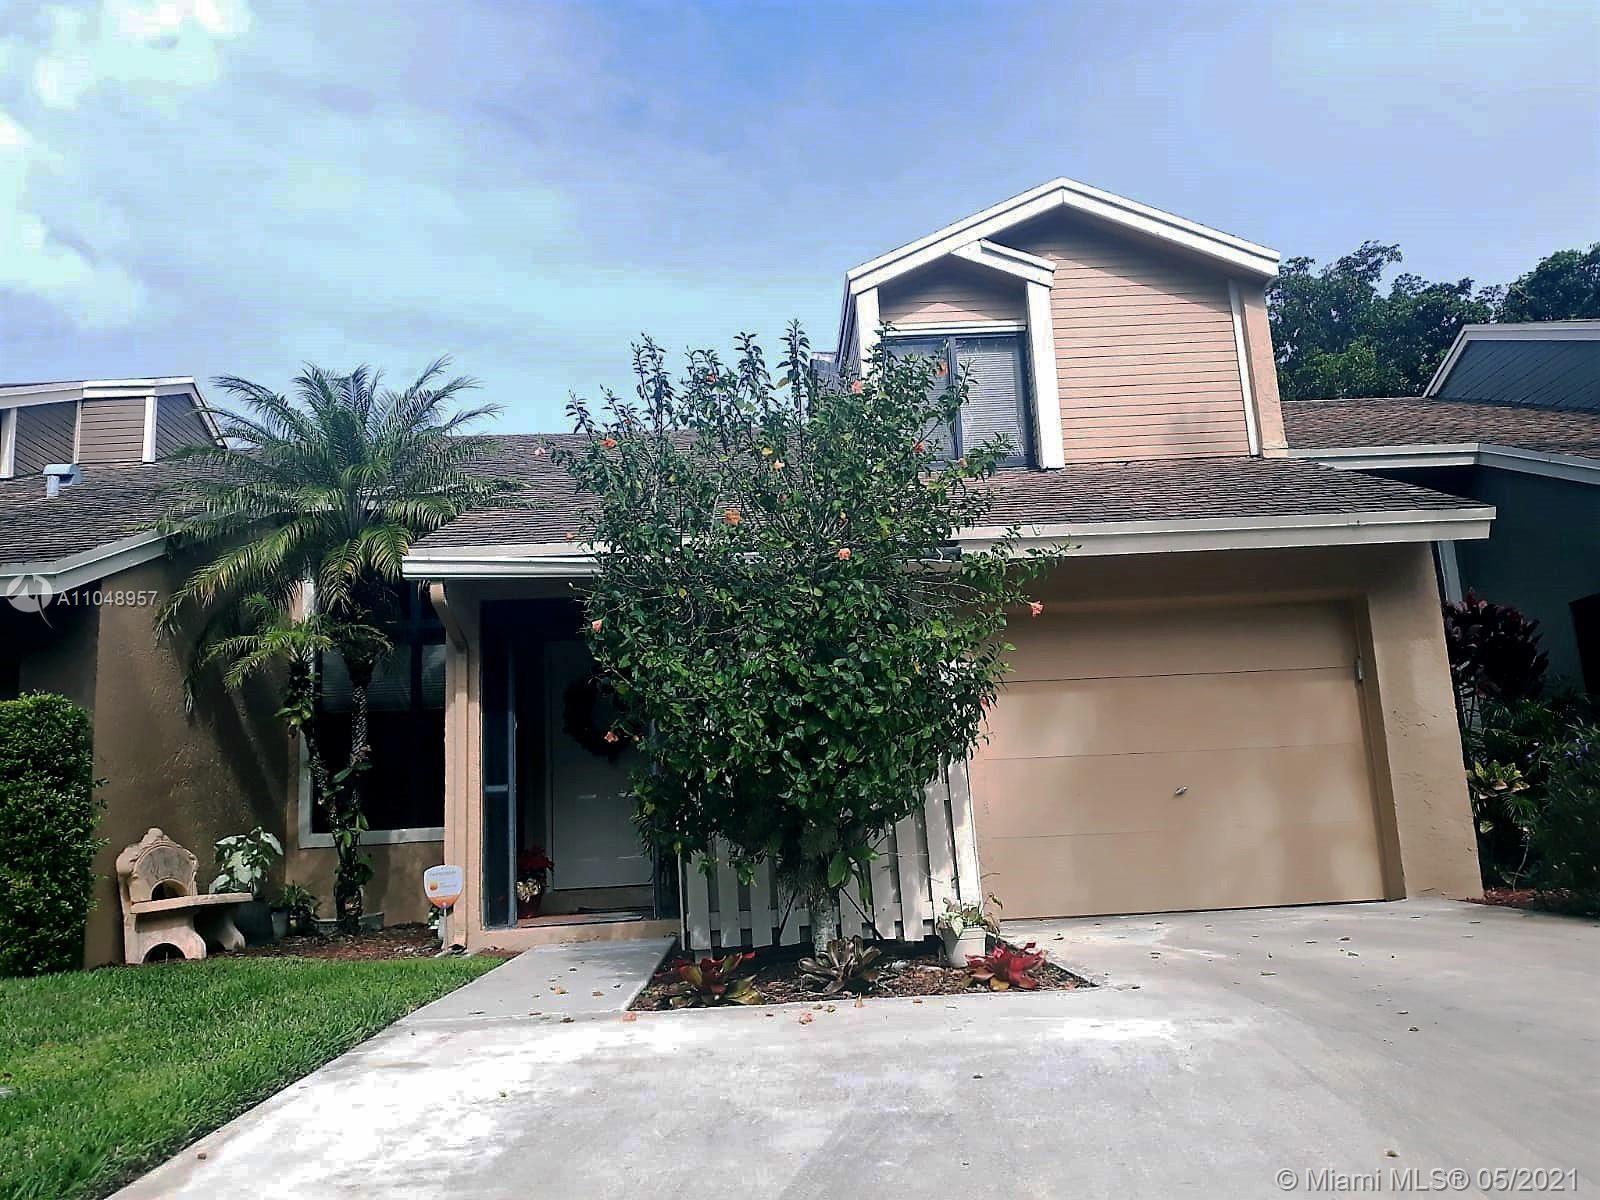 22307 Thousand Pines Ln, Boca Raton, FL 33428 - #: A11048957